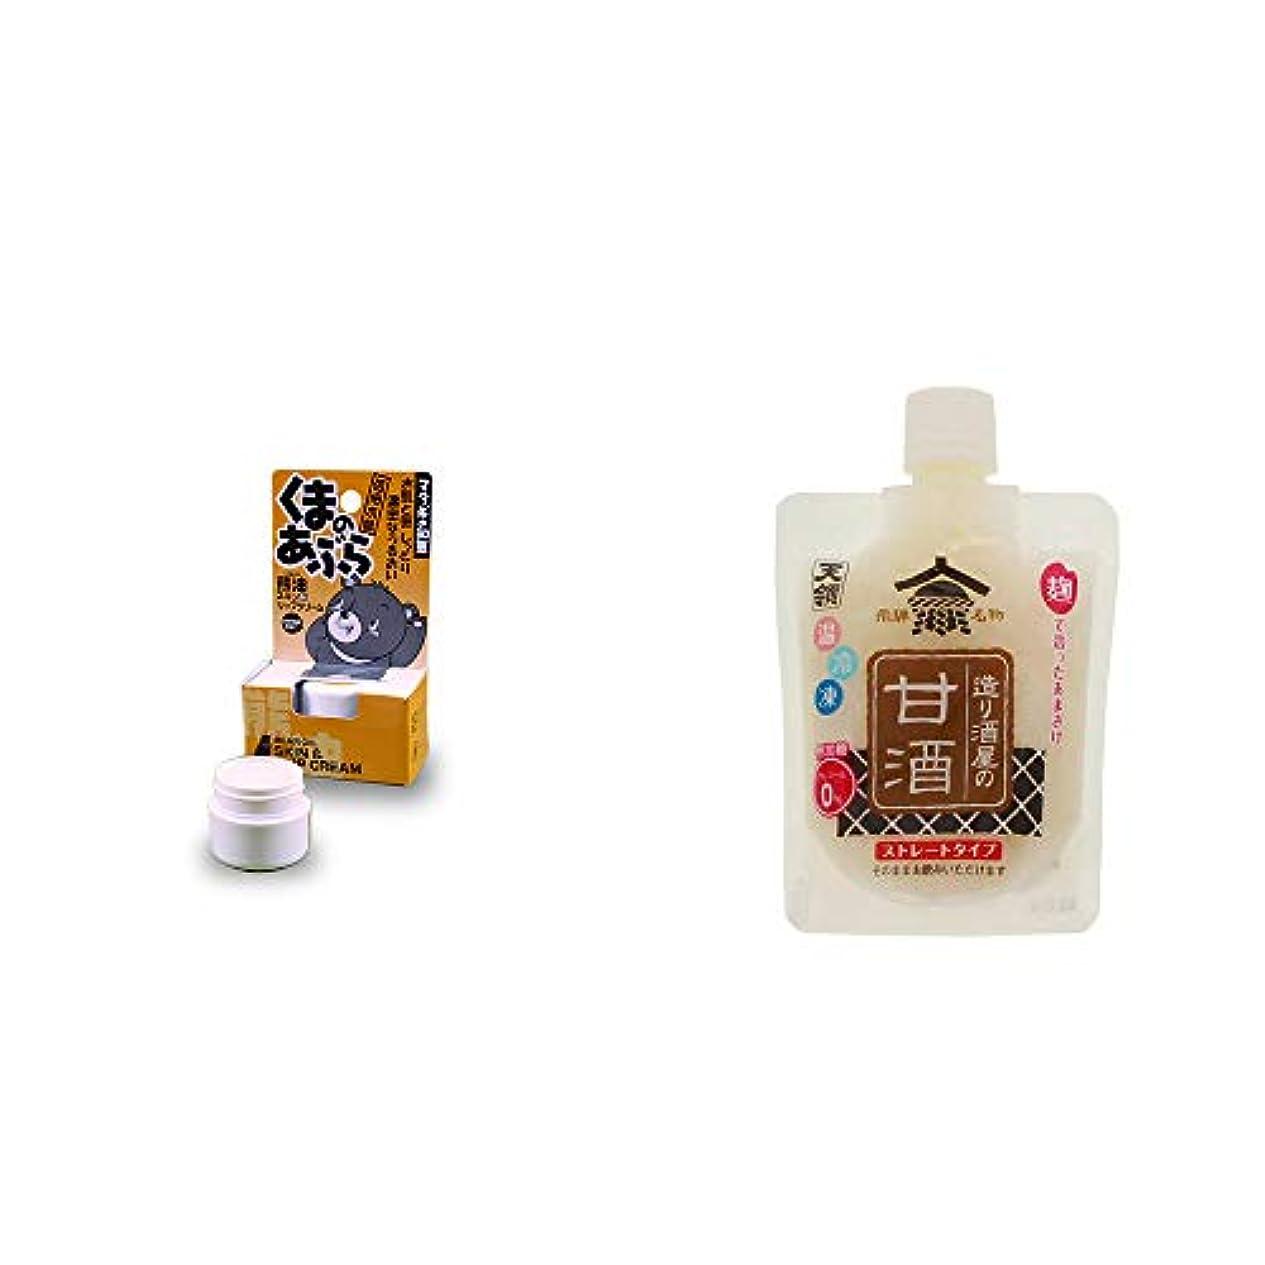 もっと少なくリファインコーヒー[2点セット] 信州木曽 くまのあぶら 熊油スキン&リップクリーム(9g)?天領 造り酒屋の甘酒 ストレートタイプ(130g)